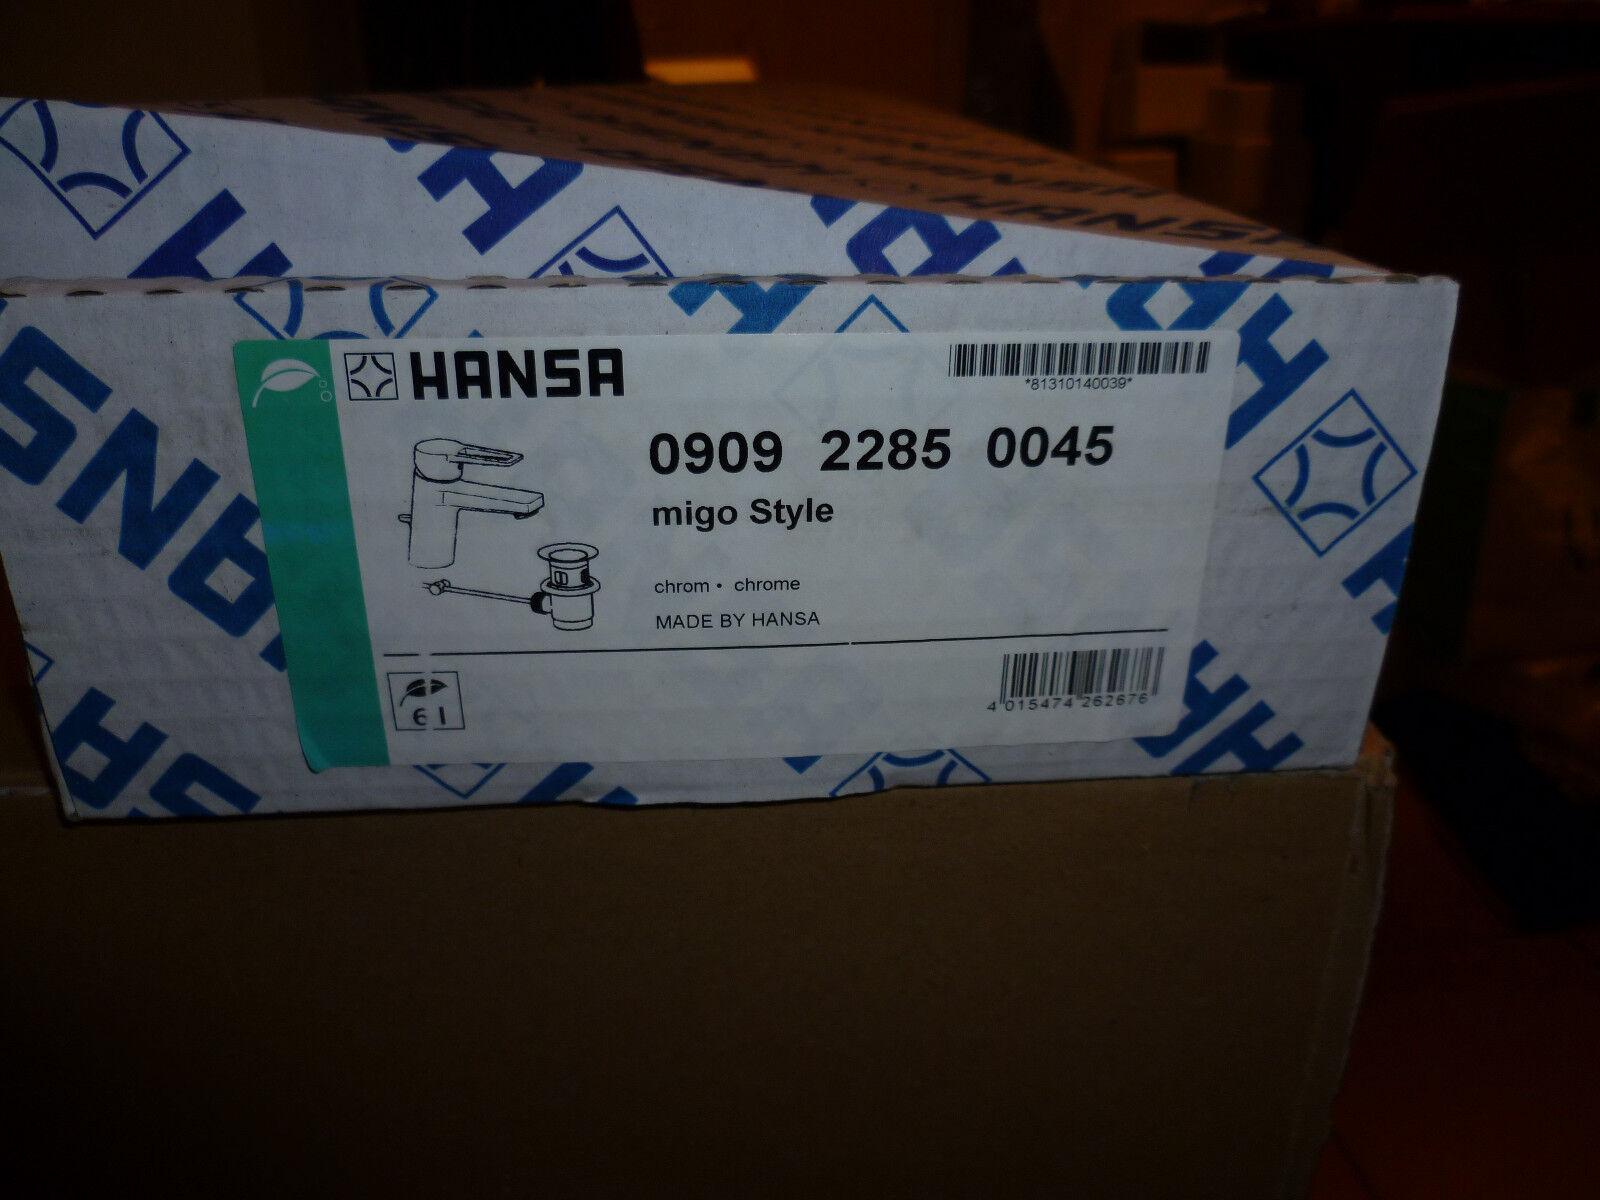 HANSA TWIST WT-ARMATUR CHROM 0909.2285 | Online  | Moderne und elegante Mode  | Online Outlet Shop  | Neue Sorten werden eingeführt